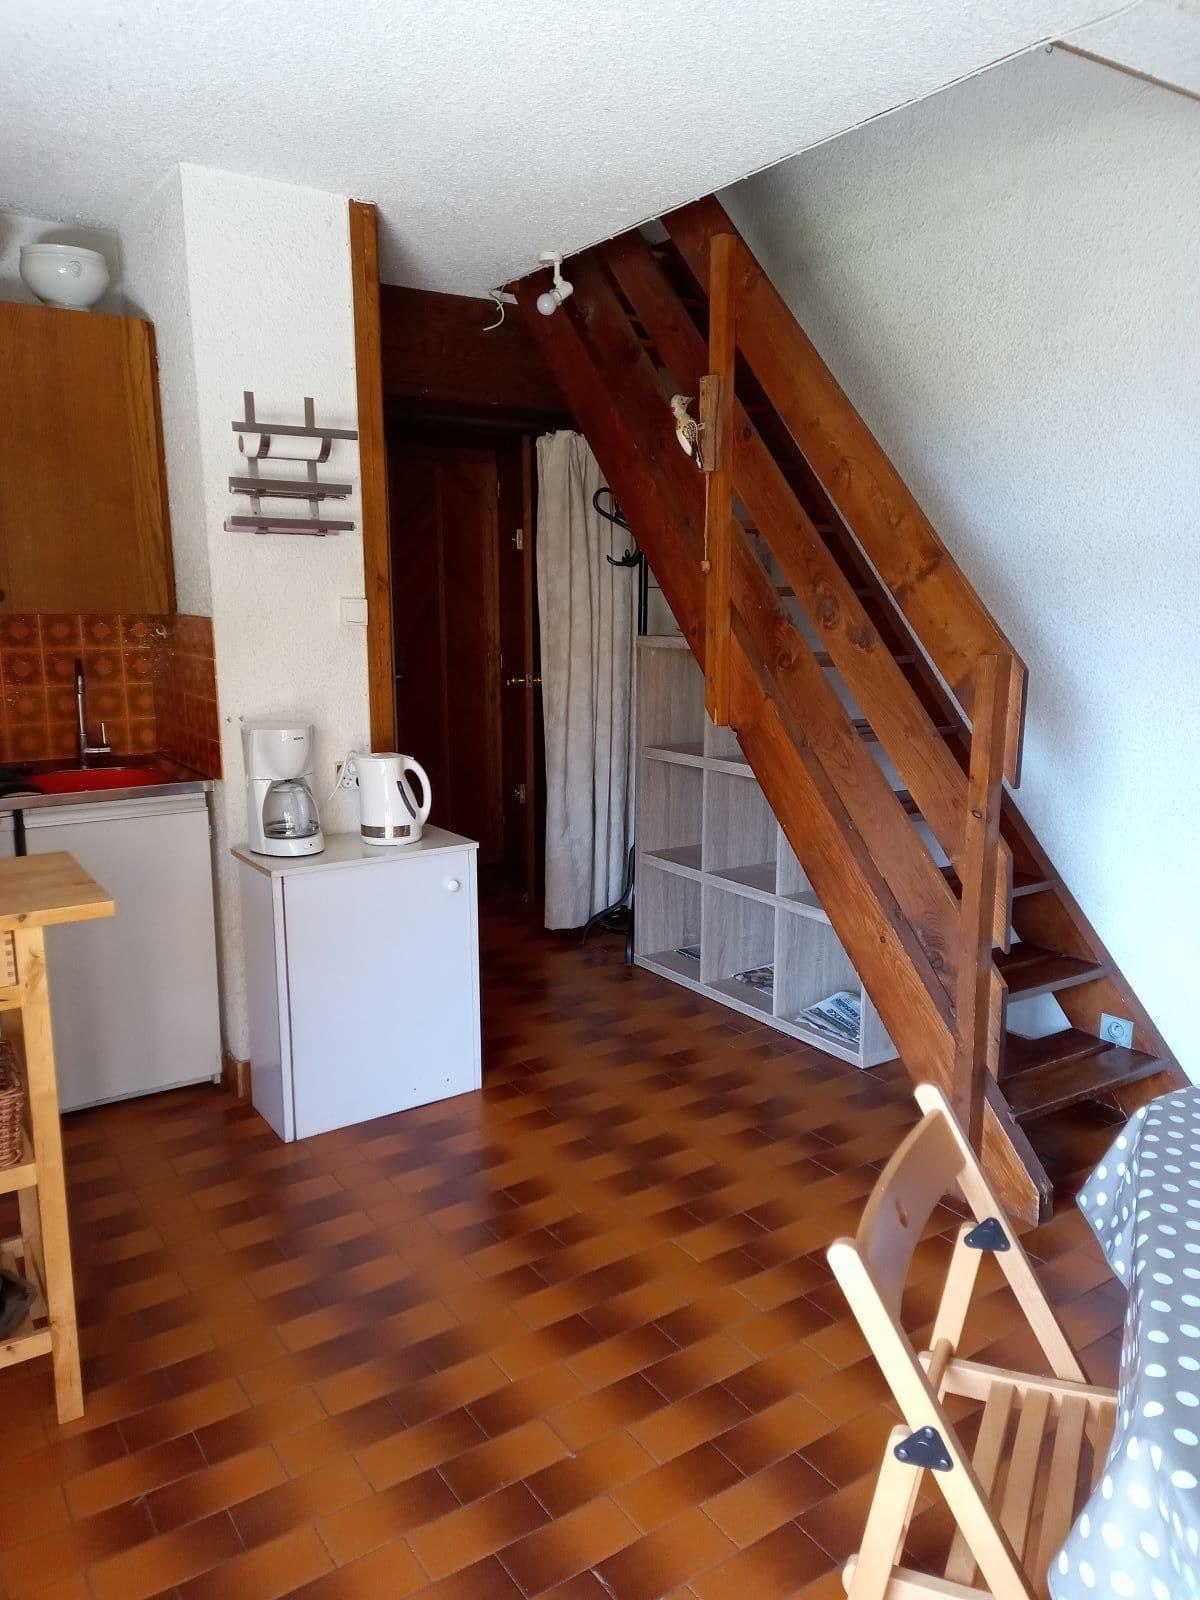 20211011 143905 - ANCELLE T3 DE 47 m² (8 COUCHAGES) AVEC TROIS BALCONS